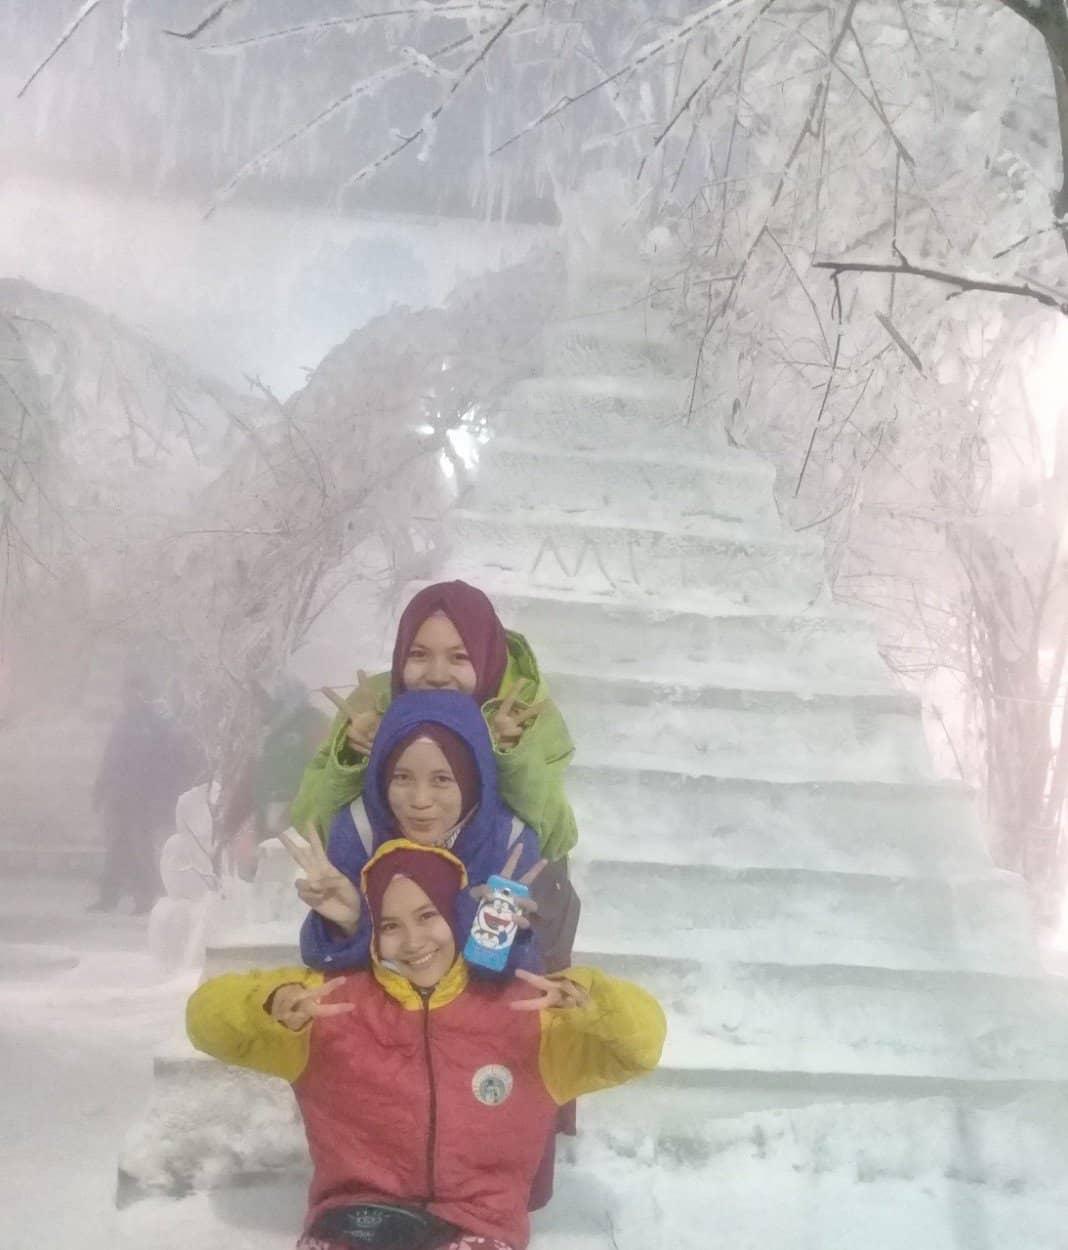 افضل 3 أنشطة في عالم الثلج جاكرتا